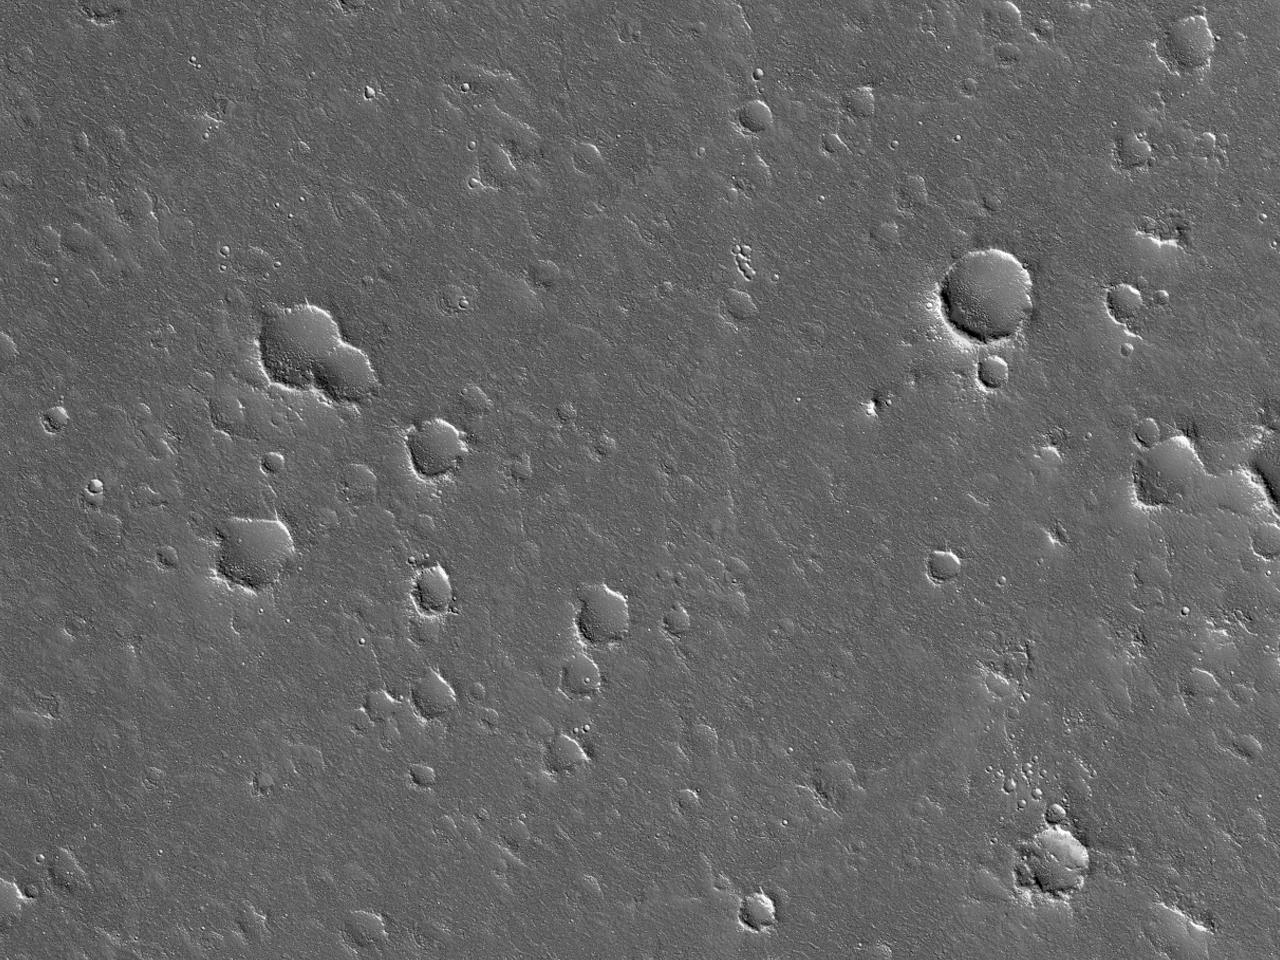 Морщинистая гряда или граница потока на равнине Utopia Planitia